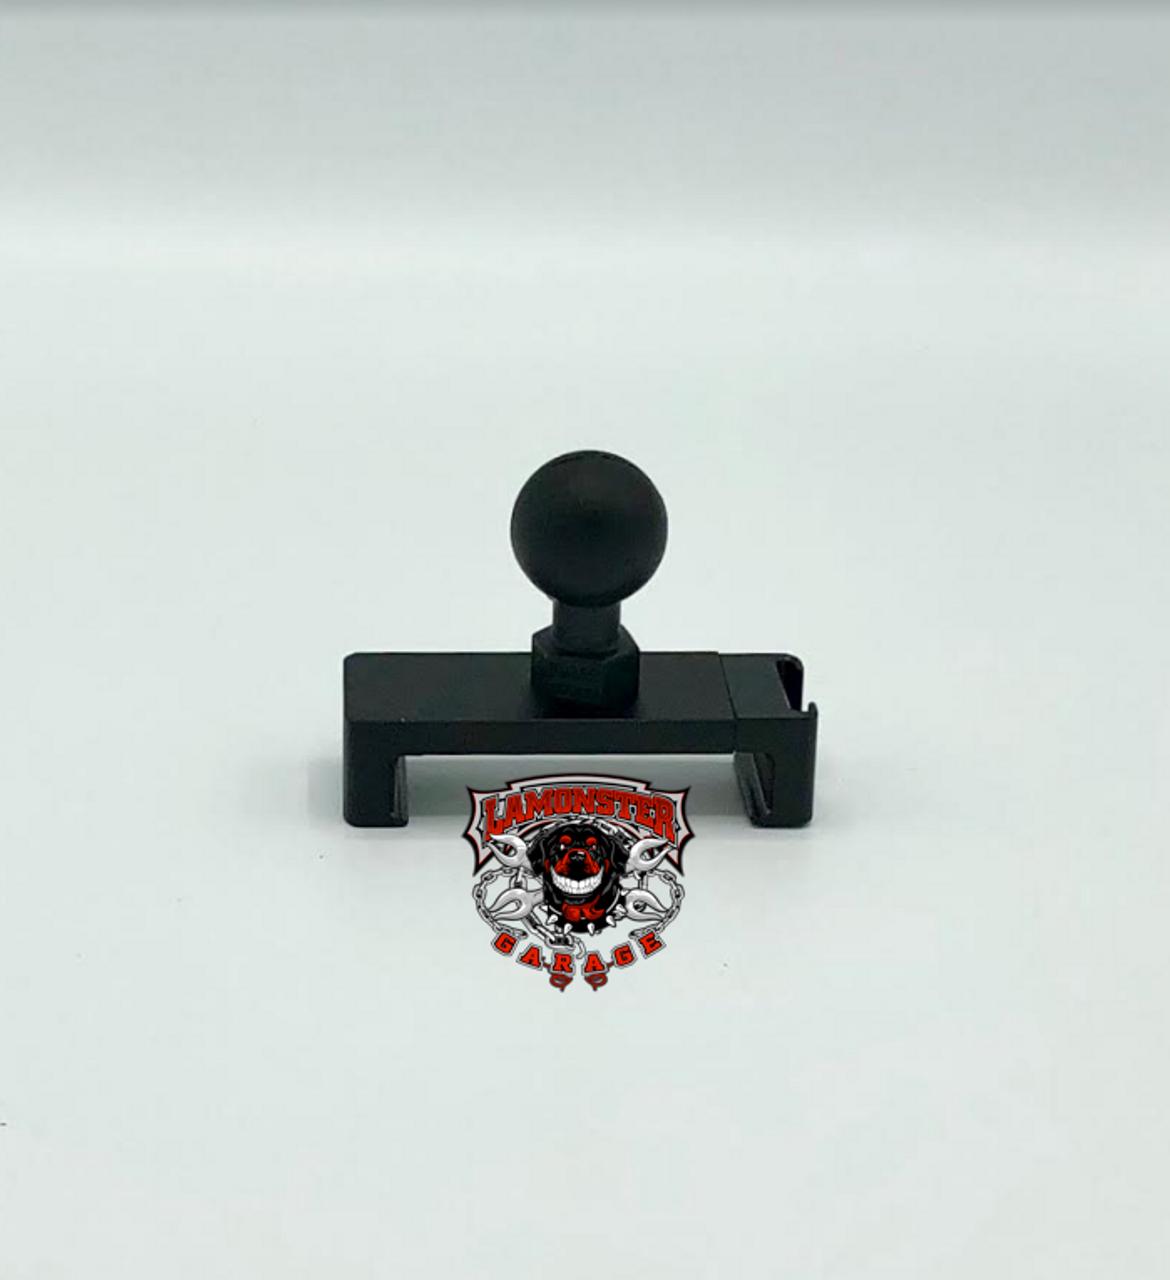 Lamonster Phone Phang Holder (LGA-4027)